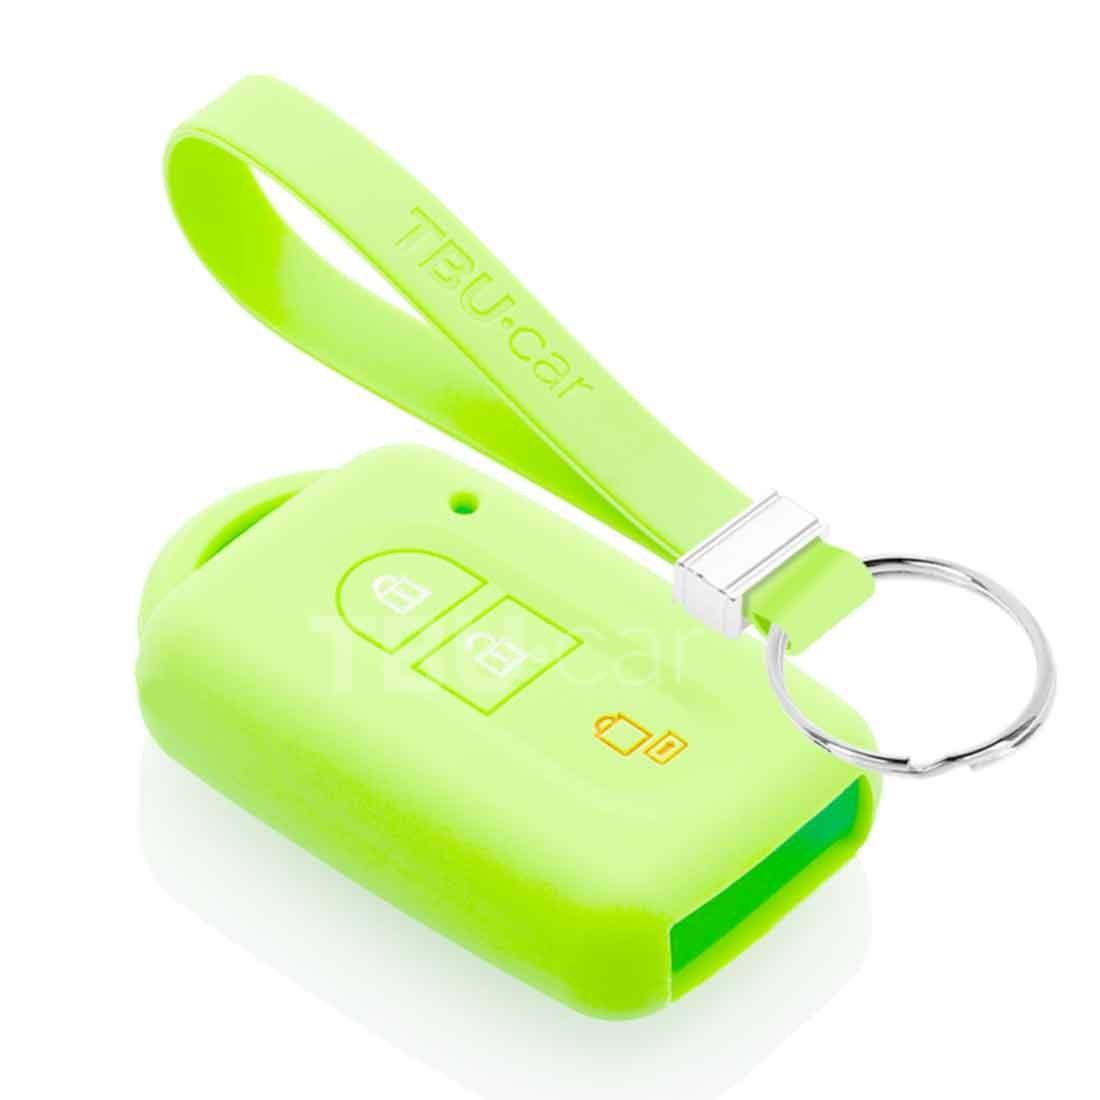 TBU car TBU car Sleutel cover compatibel met Nissan - Silicone sleutelhoesje - beschermhoesje autosleutel - Glow in the Dark